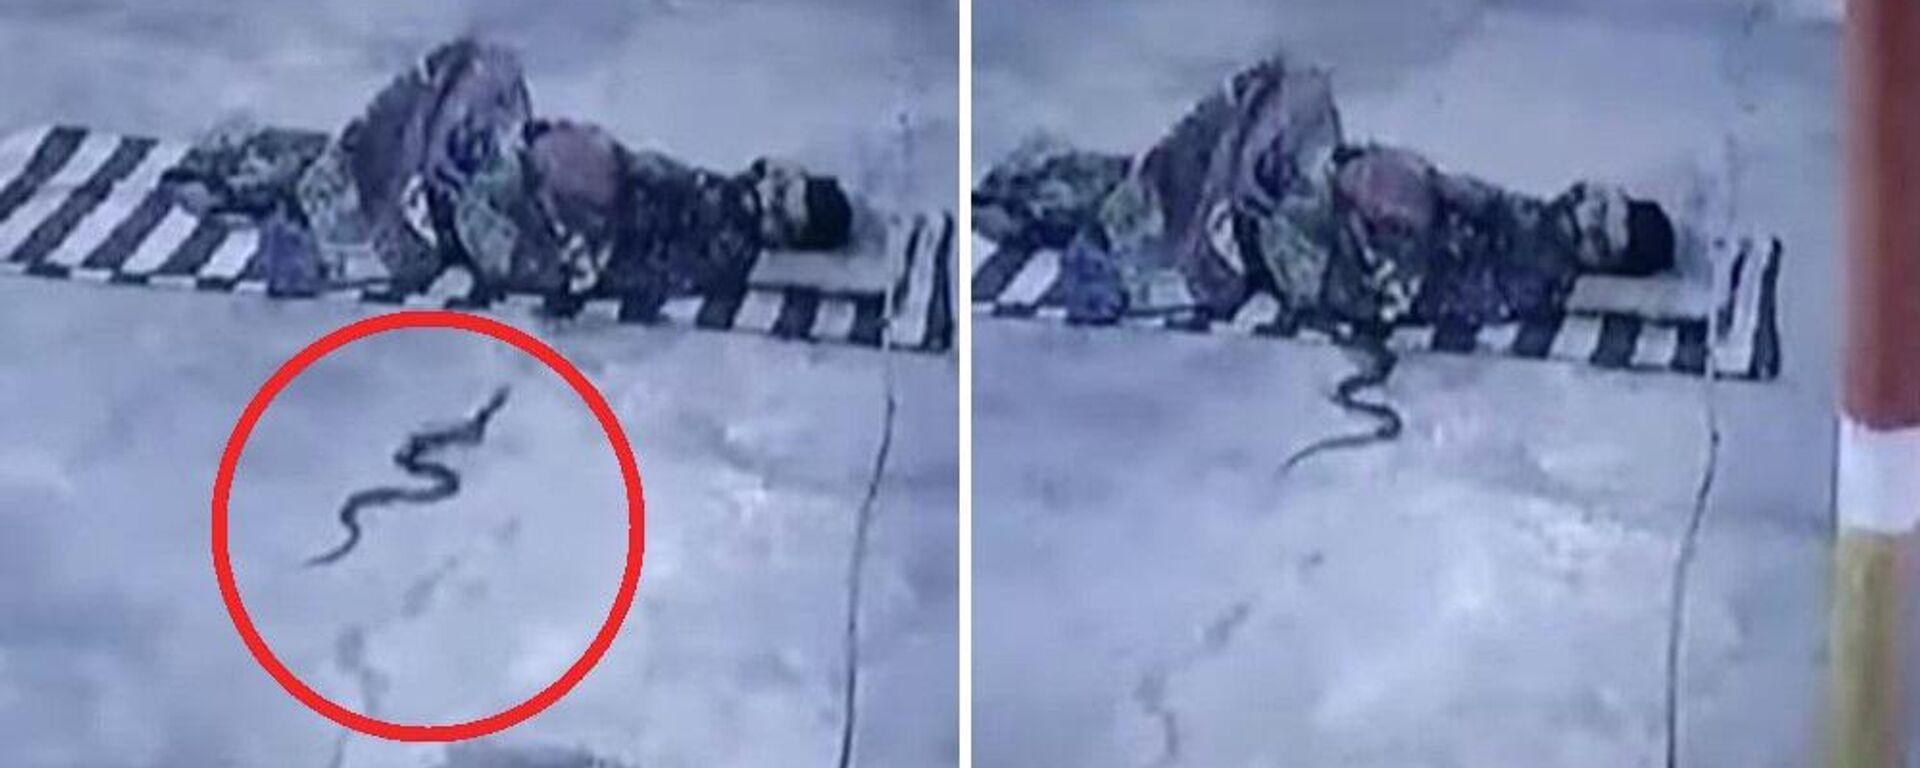 Κόμπρα χώνεται στα στρωσίδια άντρα που κοιμάται έξω από ναό στην Ινδία - Sputnik Ελλάδα, 1920, 11.09.2021